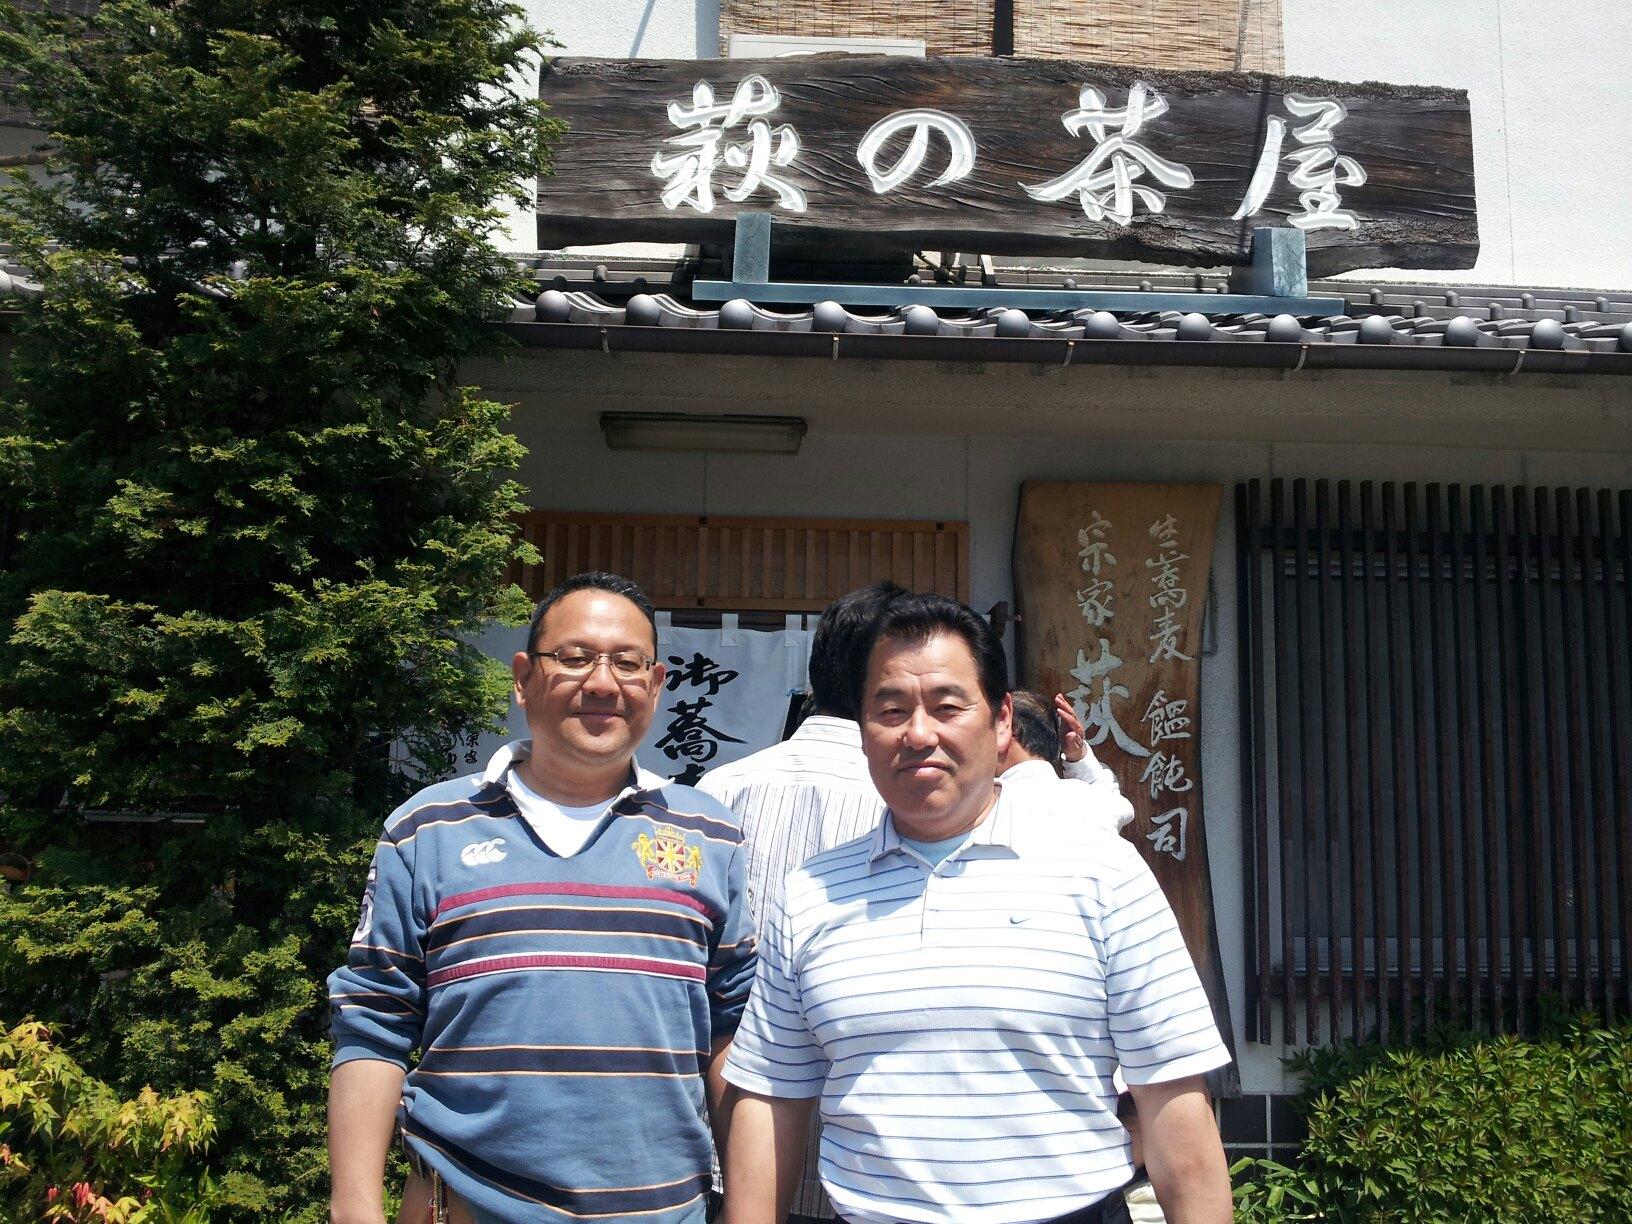 四国大会を岡山から応援下さった、三洋金属黒本社長にご挨拶の為岡山へ!_c0186691_2115463.jpg